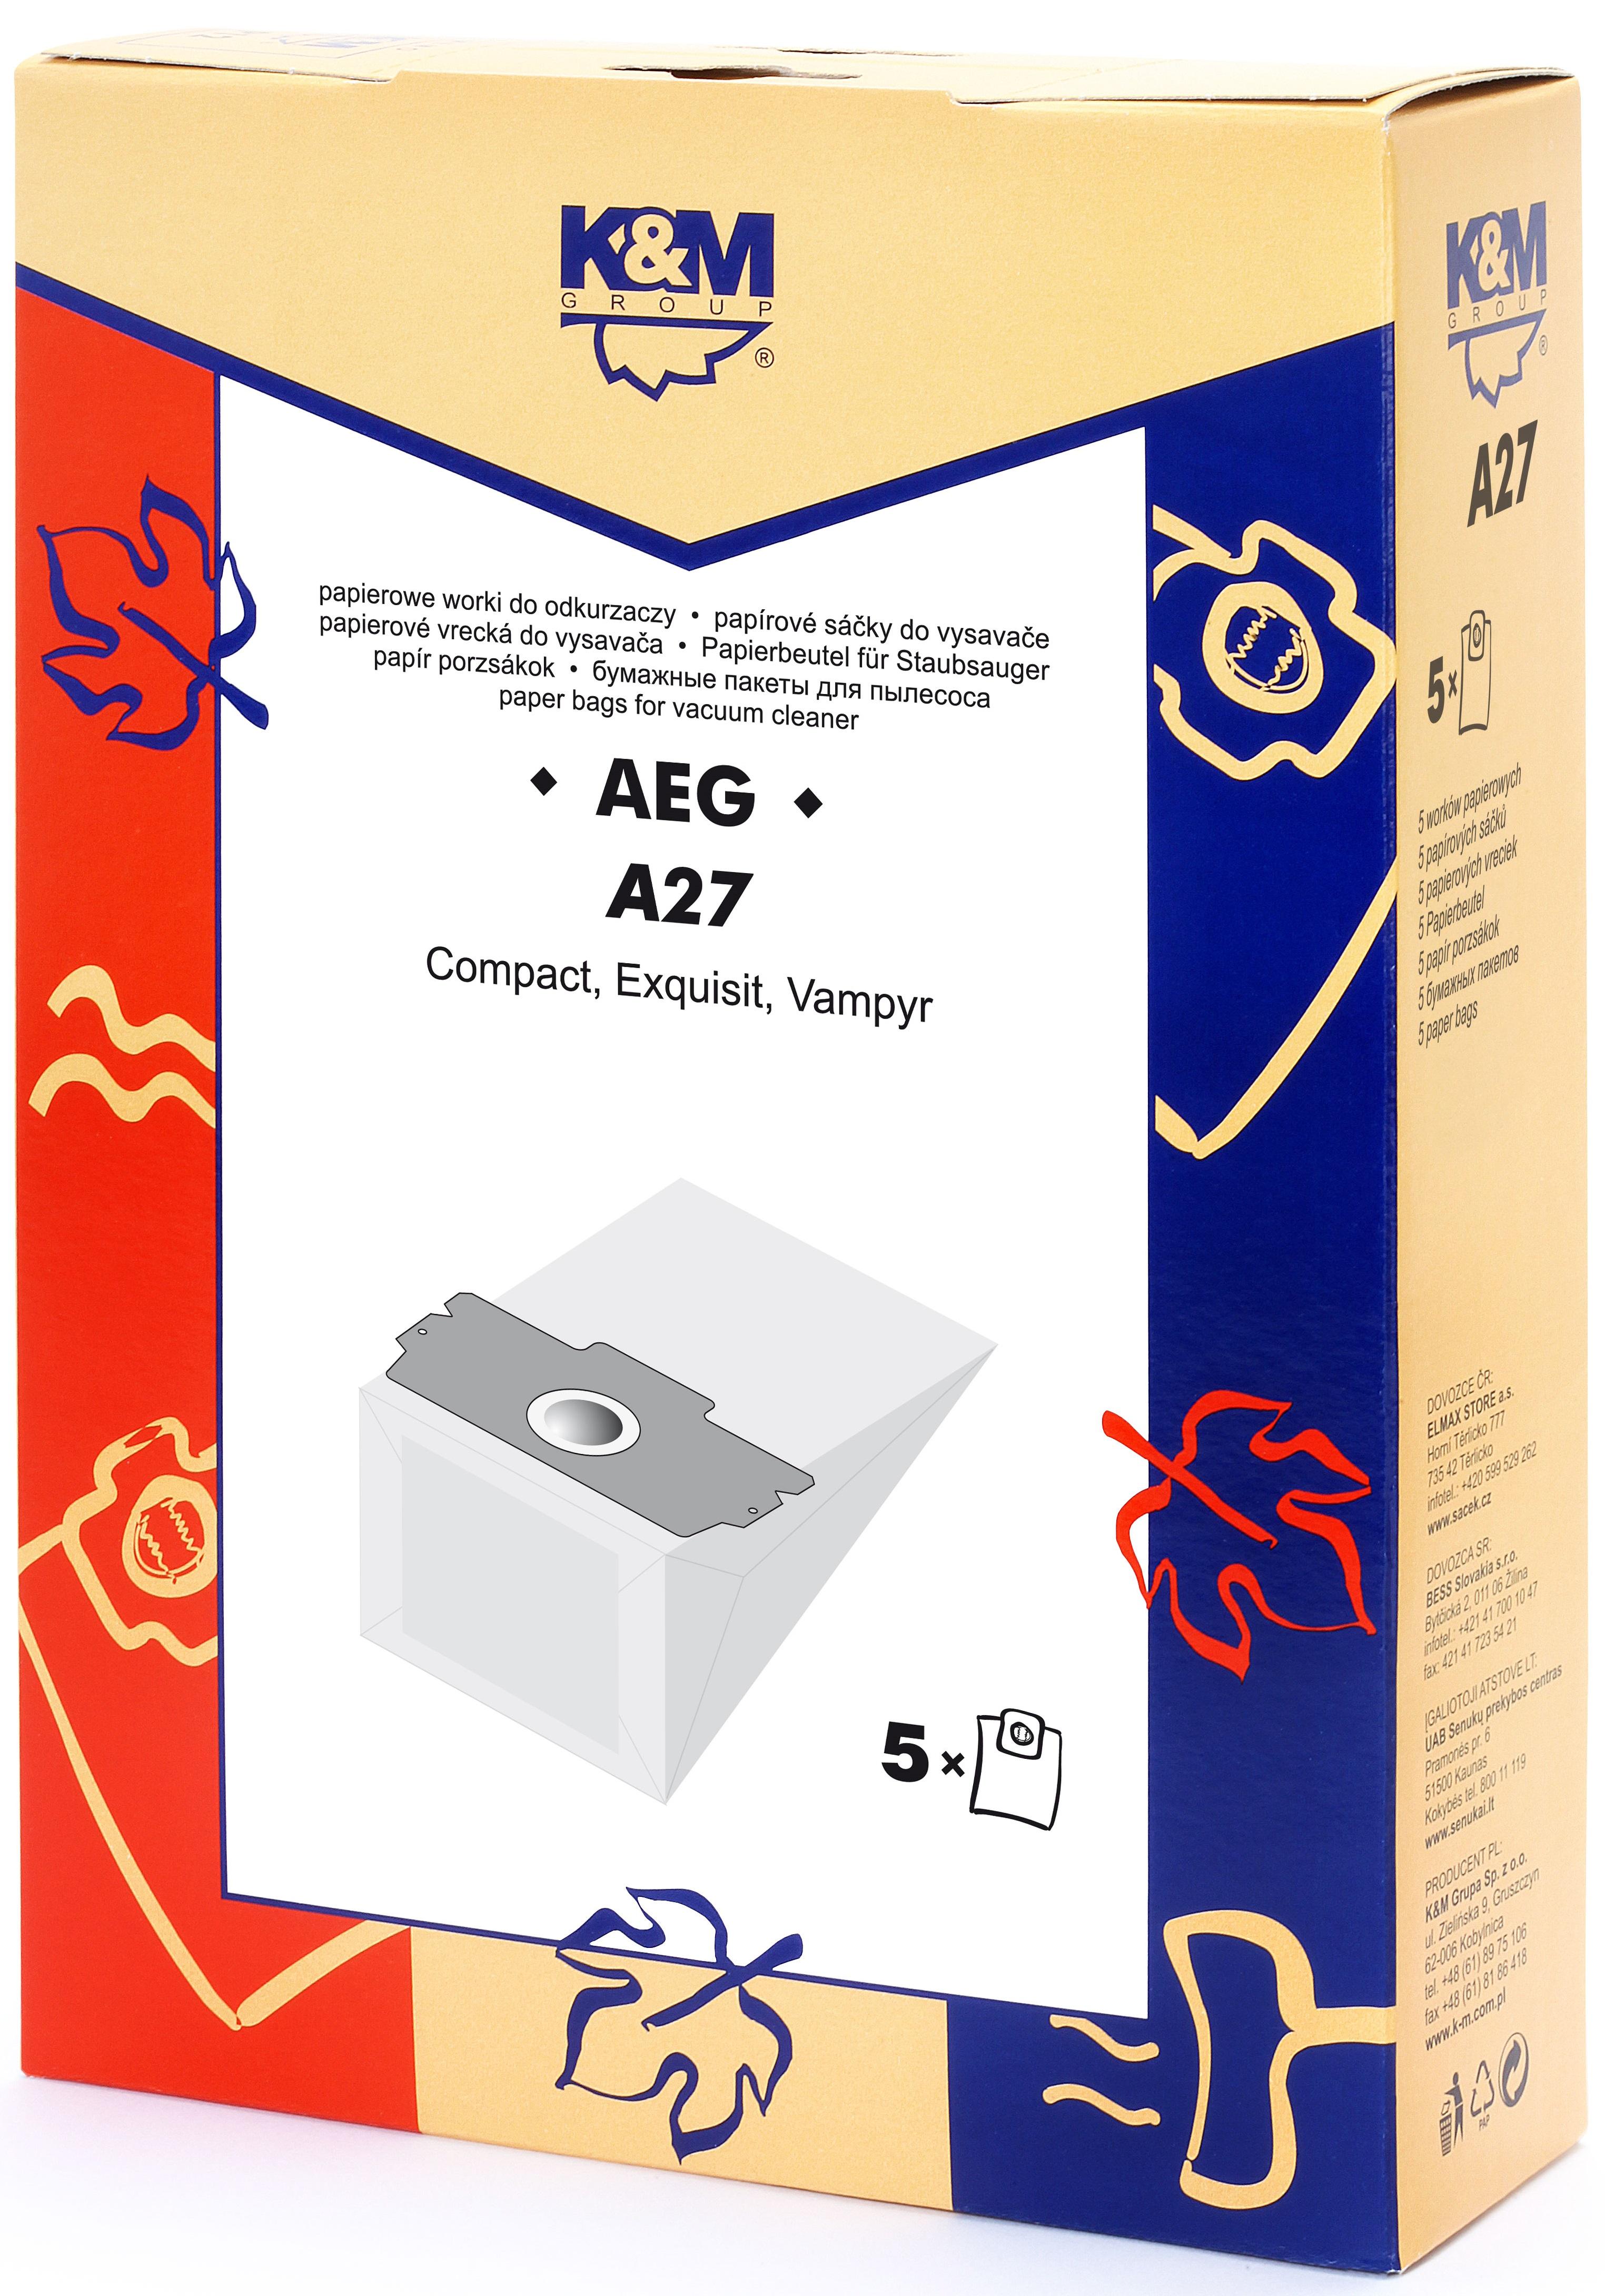 Sac aspirator AEG GR. 11,13, hartie, 5 x saci, K&M [0]